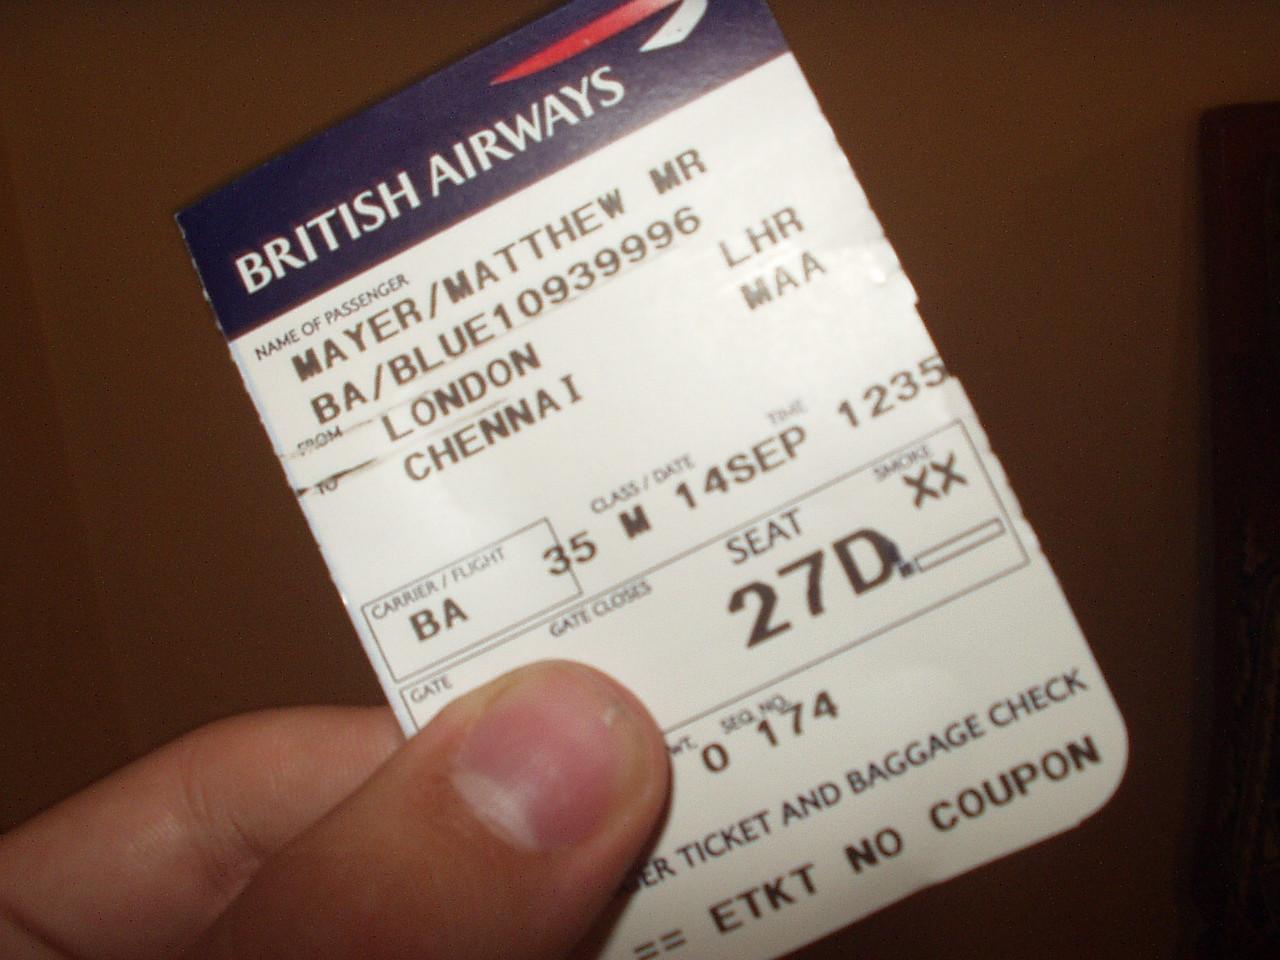 14 September: Flying